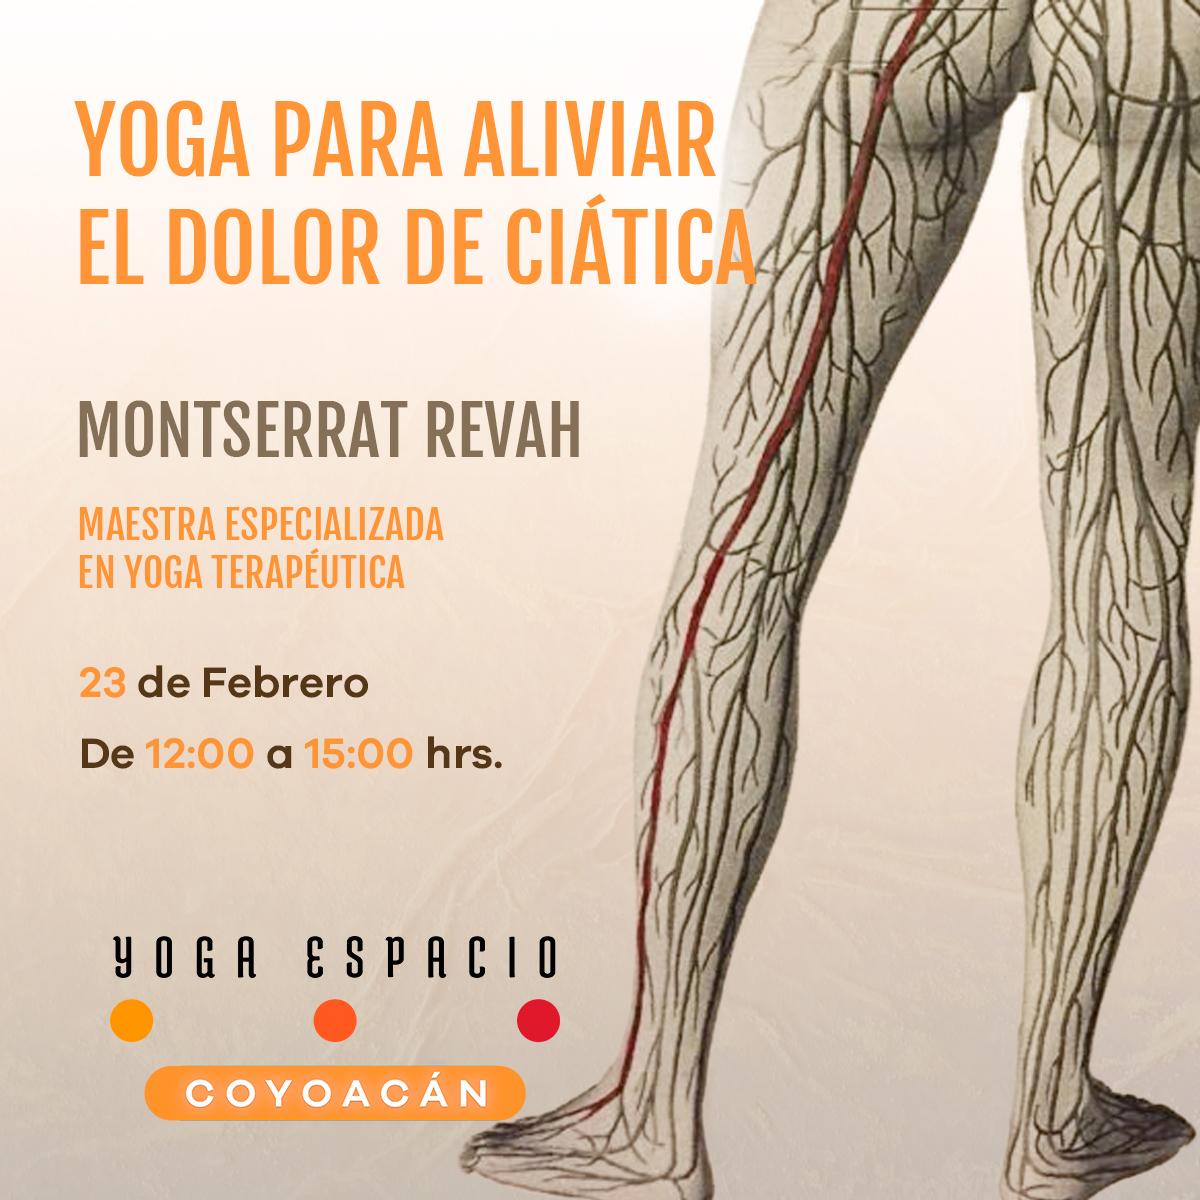 Yoga para aliviar el dolor de la ci tica yoga espacio - Espacio para el yoga ...